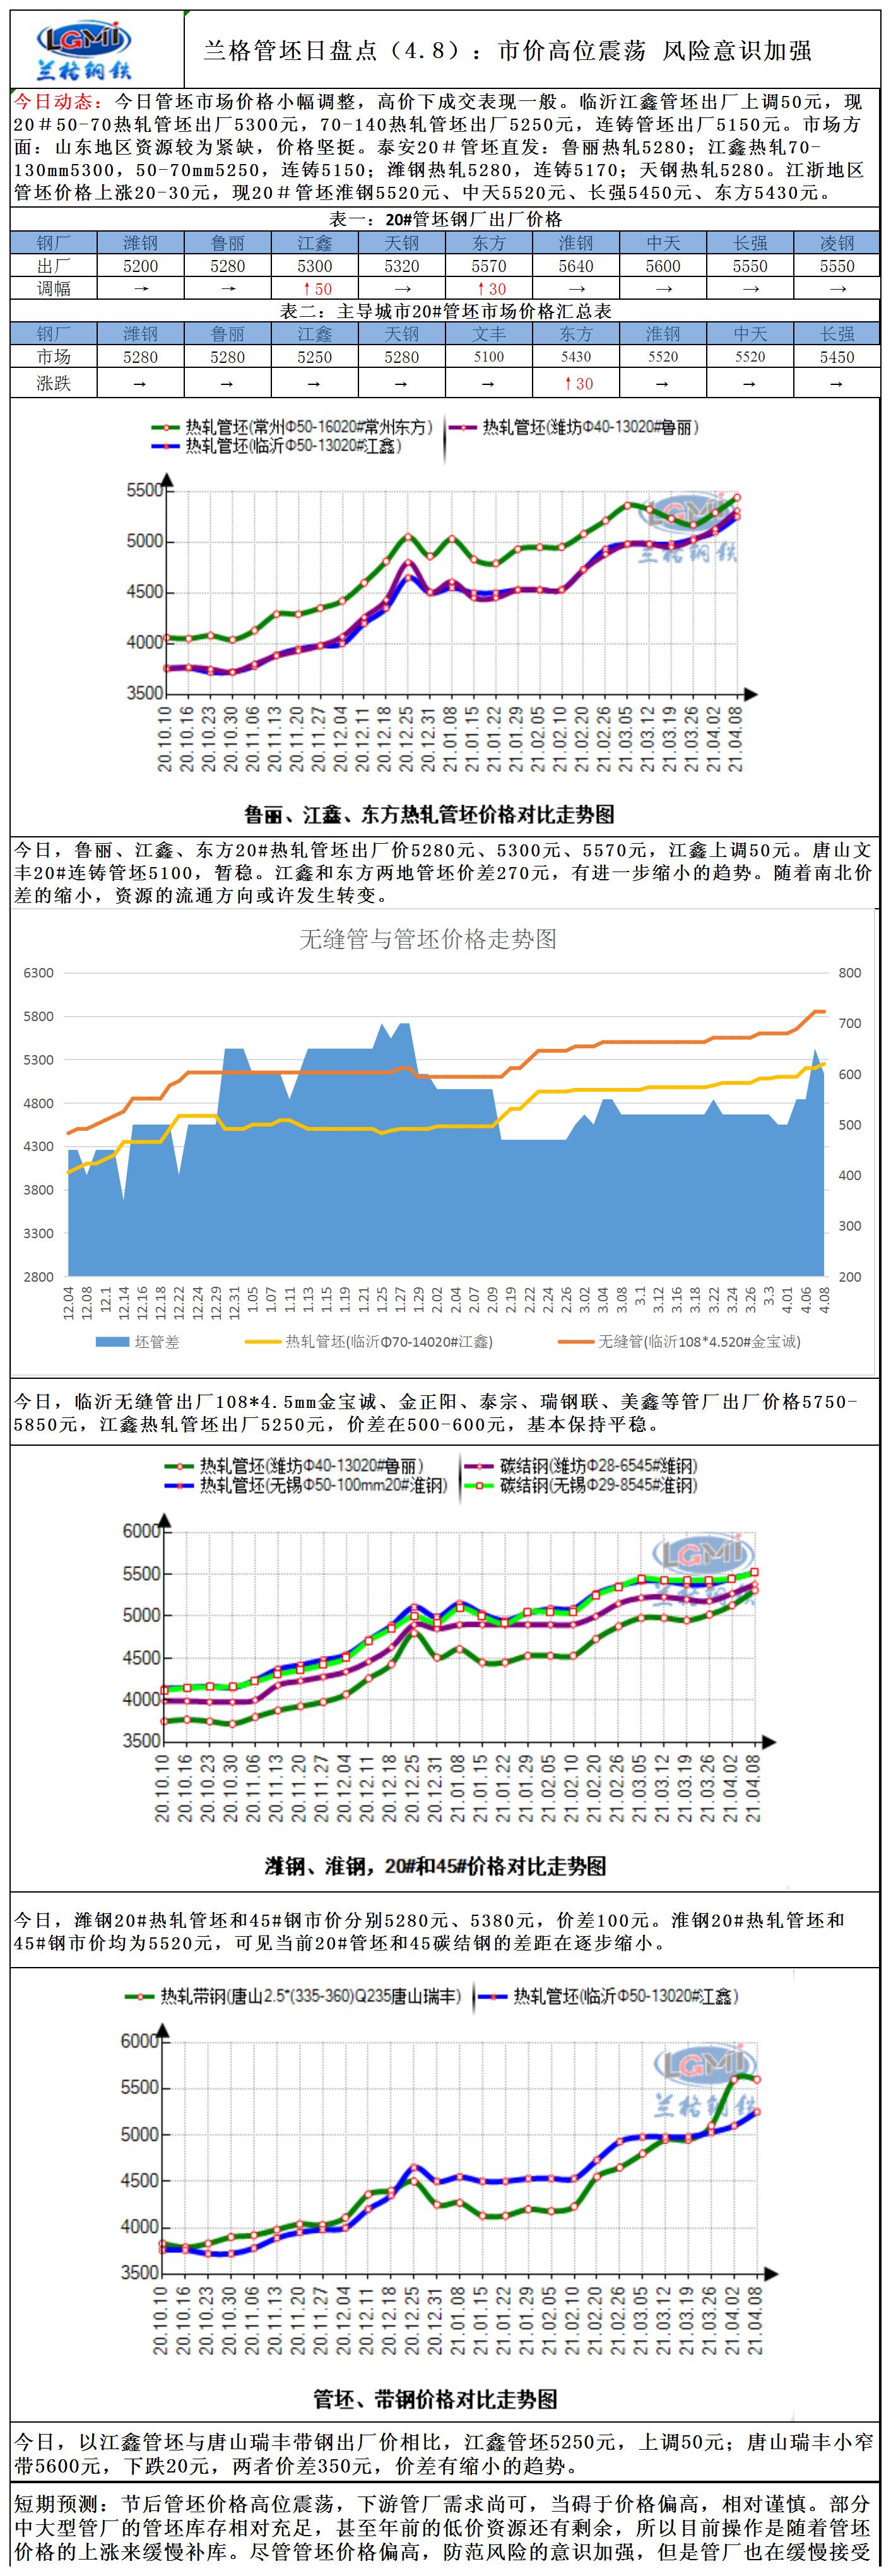 兰格管坯日盘点(4.8):市价高位震荡 风险意识加强